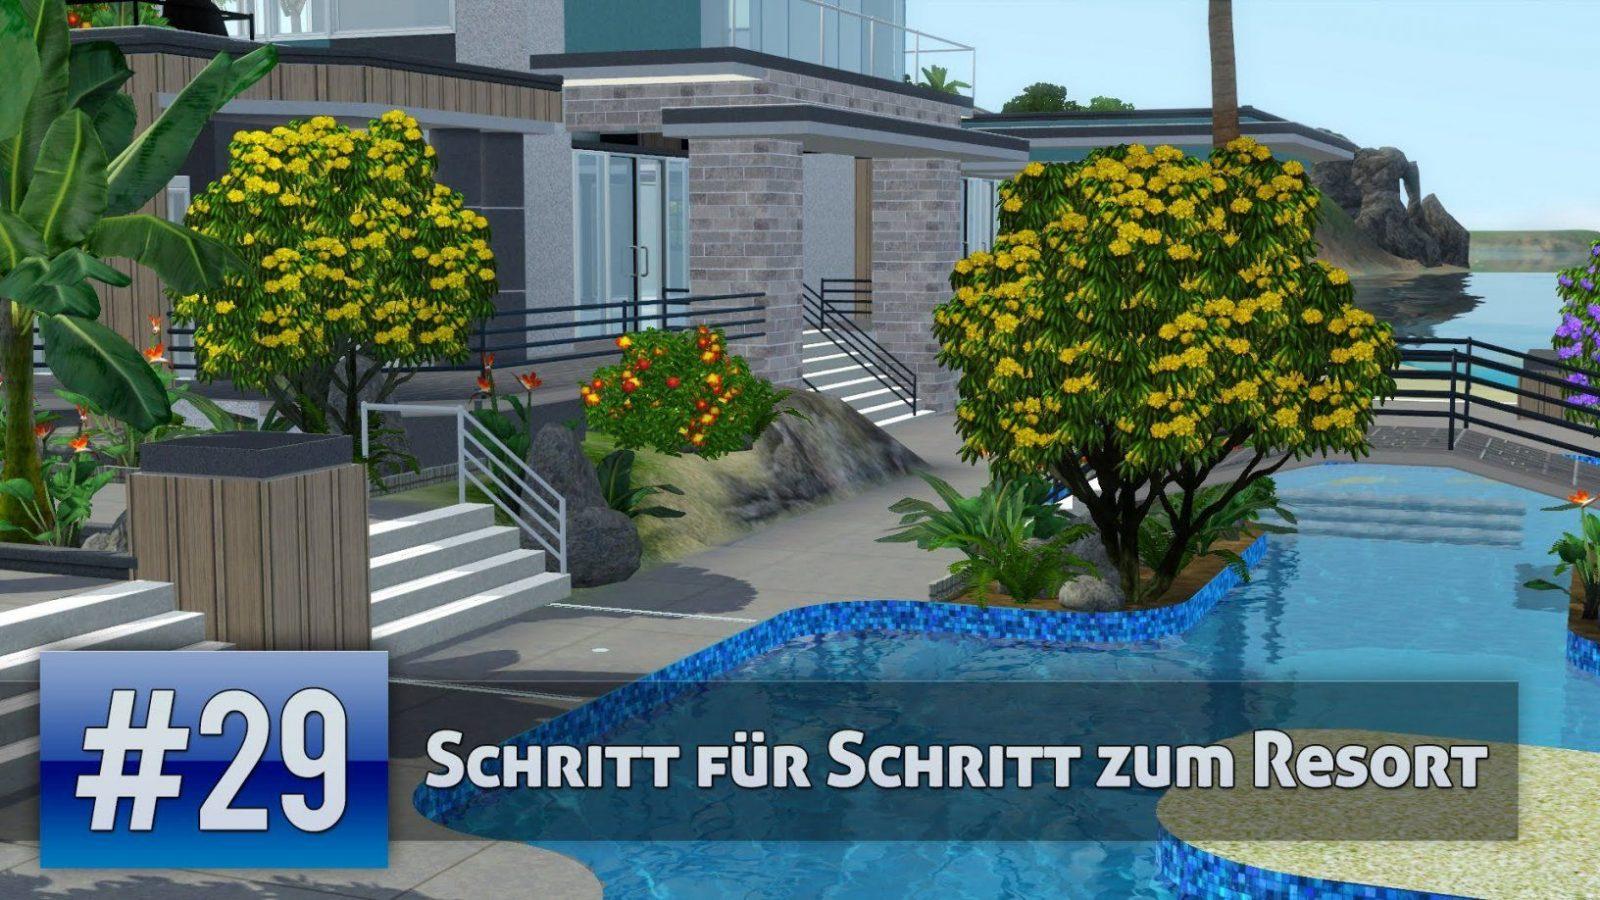 Die Sims 3  Schritt Für Schritt Zum Resort 29 (Lets Build)  Youtube von Sims 3 Haus Bauen Schritt Für Schritt Photo